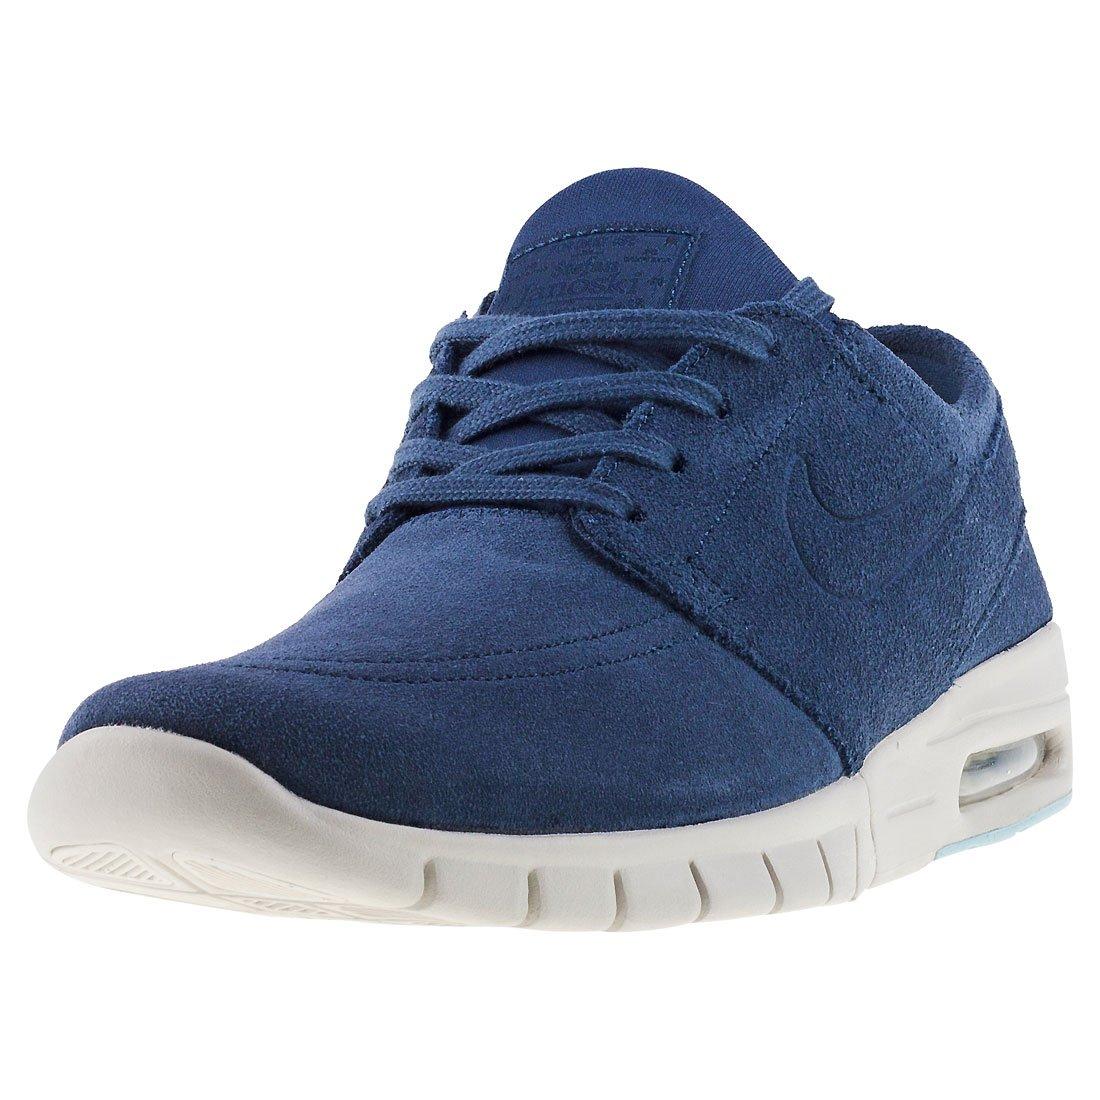 Nike Herren SB Stefan Janoski Max L Dunkelblau Leder/Synthetik Sneaker  45 EU|Dunkelblau (Thunder Blue/Light Bone)